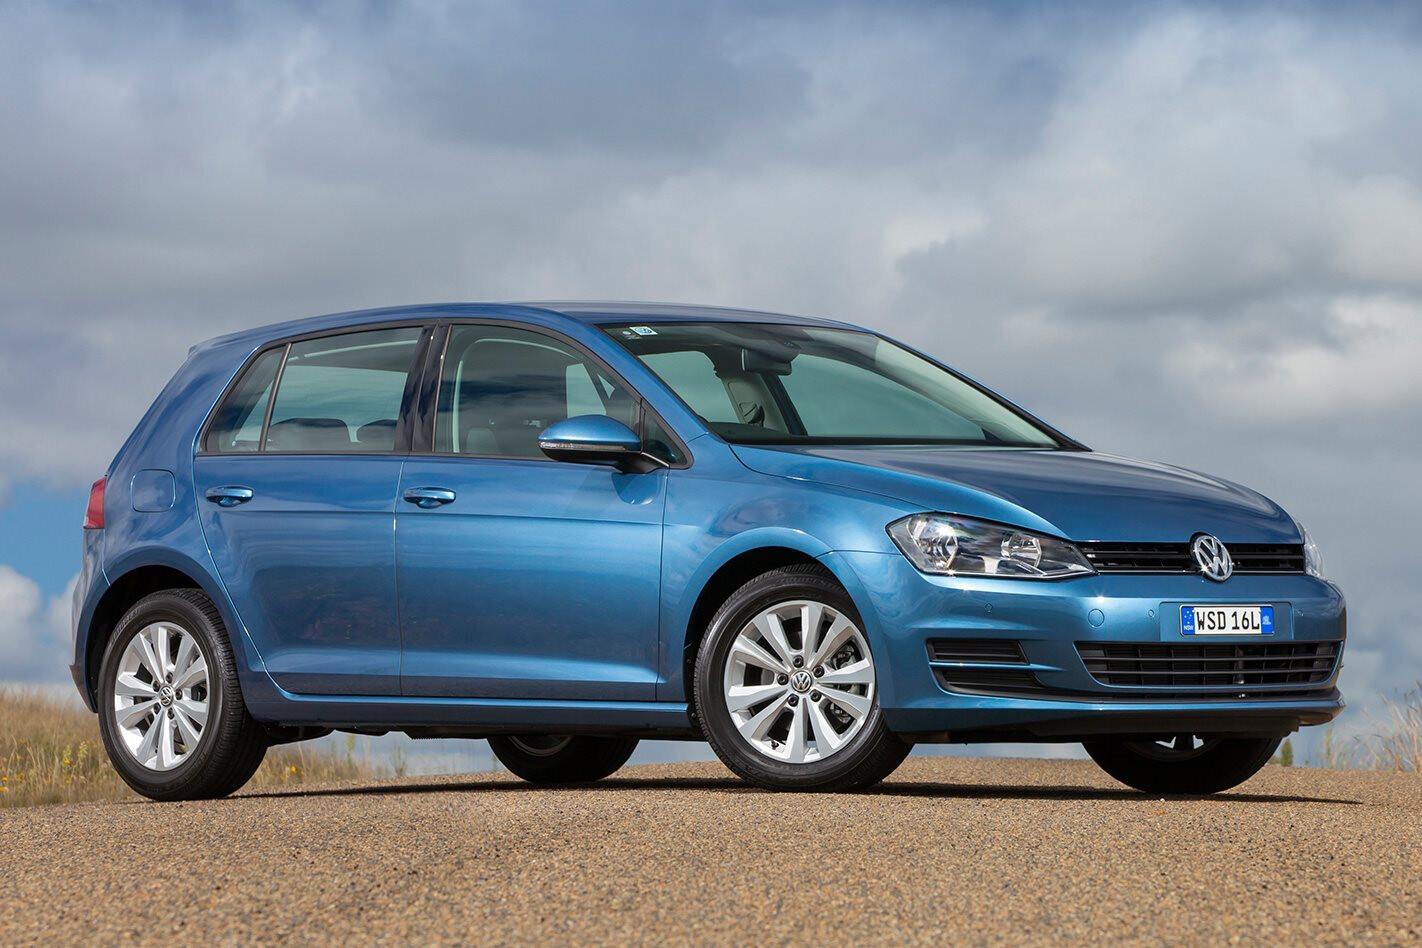 Australians punishing VW for Dieselgate